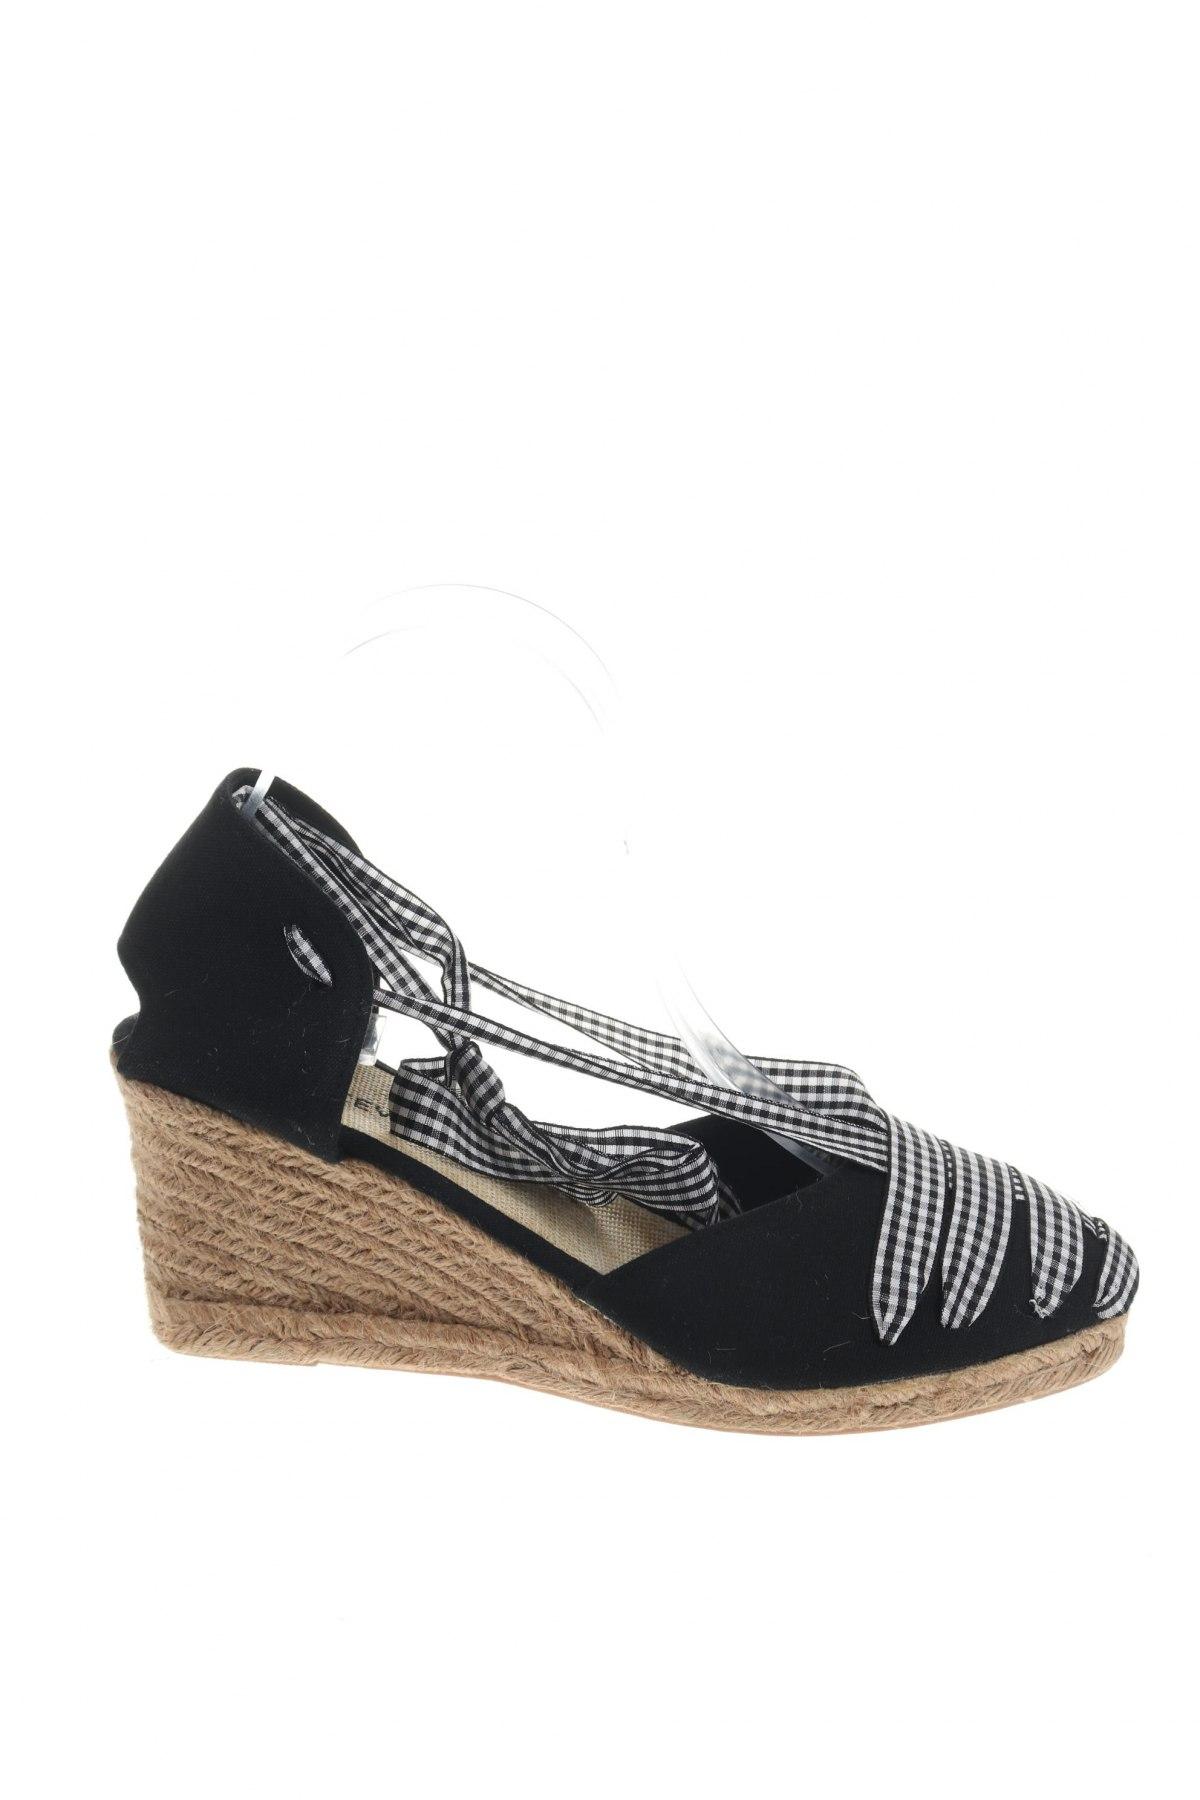 Εσπάδριλλες Nicewalk, Μέγεθος 40, Χρώμα Μαύρο, Κλωστοϋφαντουργικά προϊόντα, Τιμή 15,54€